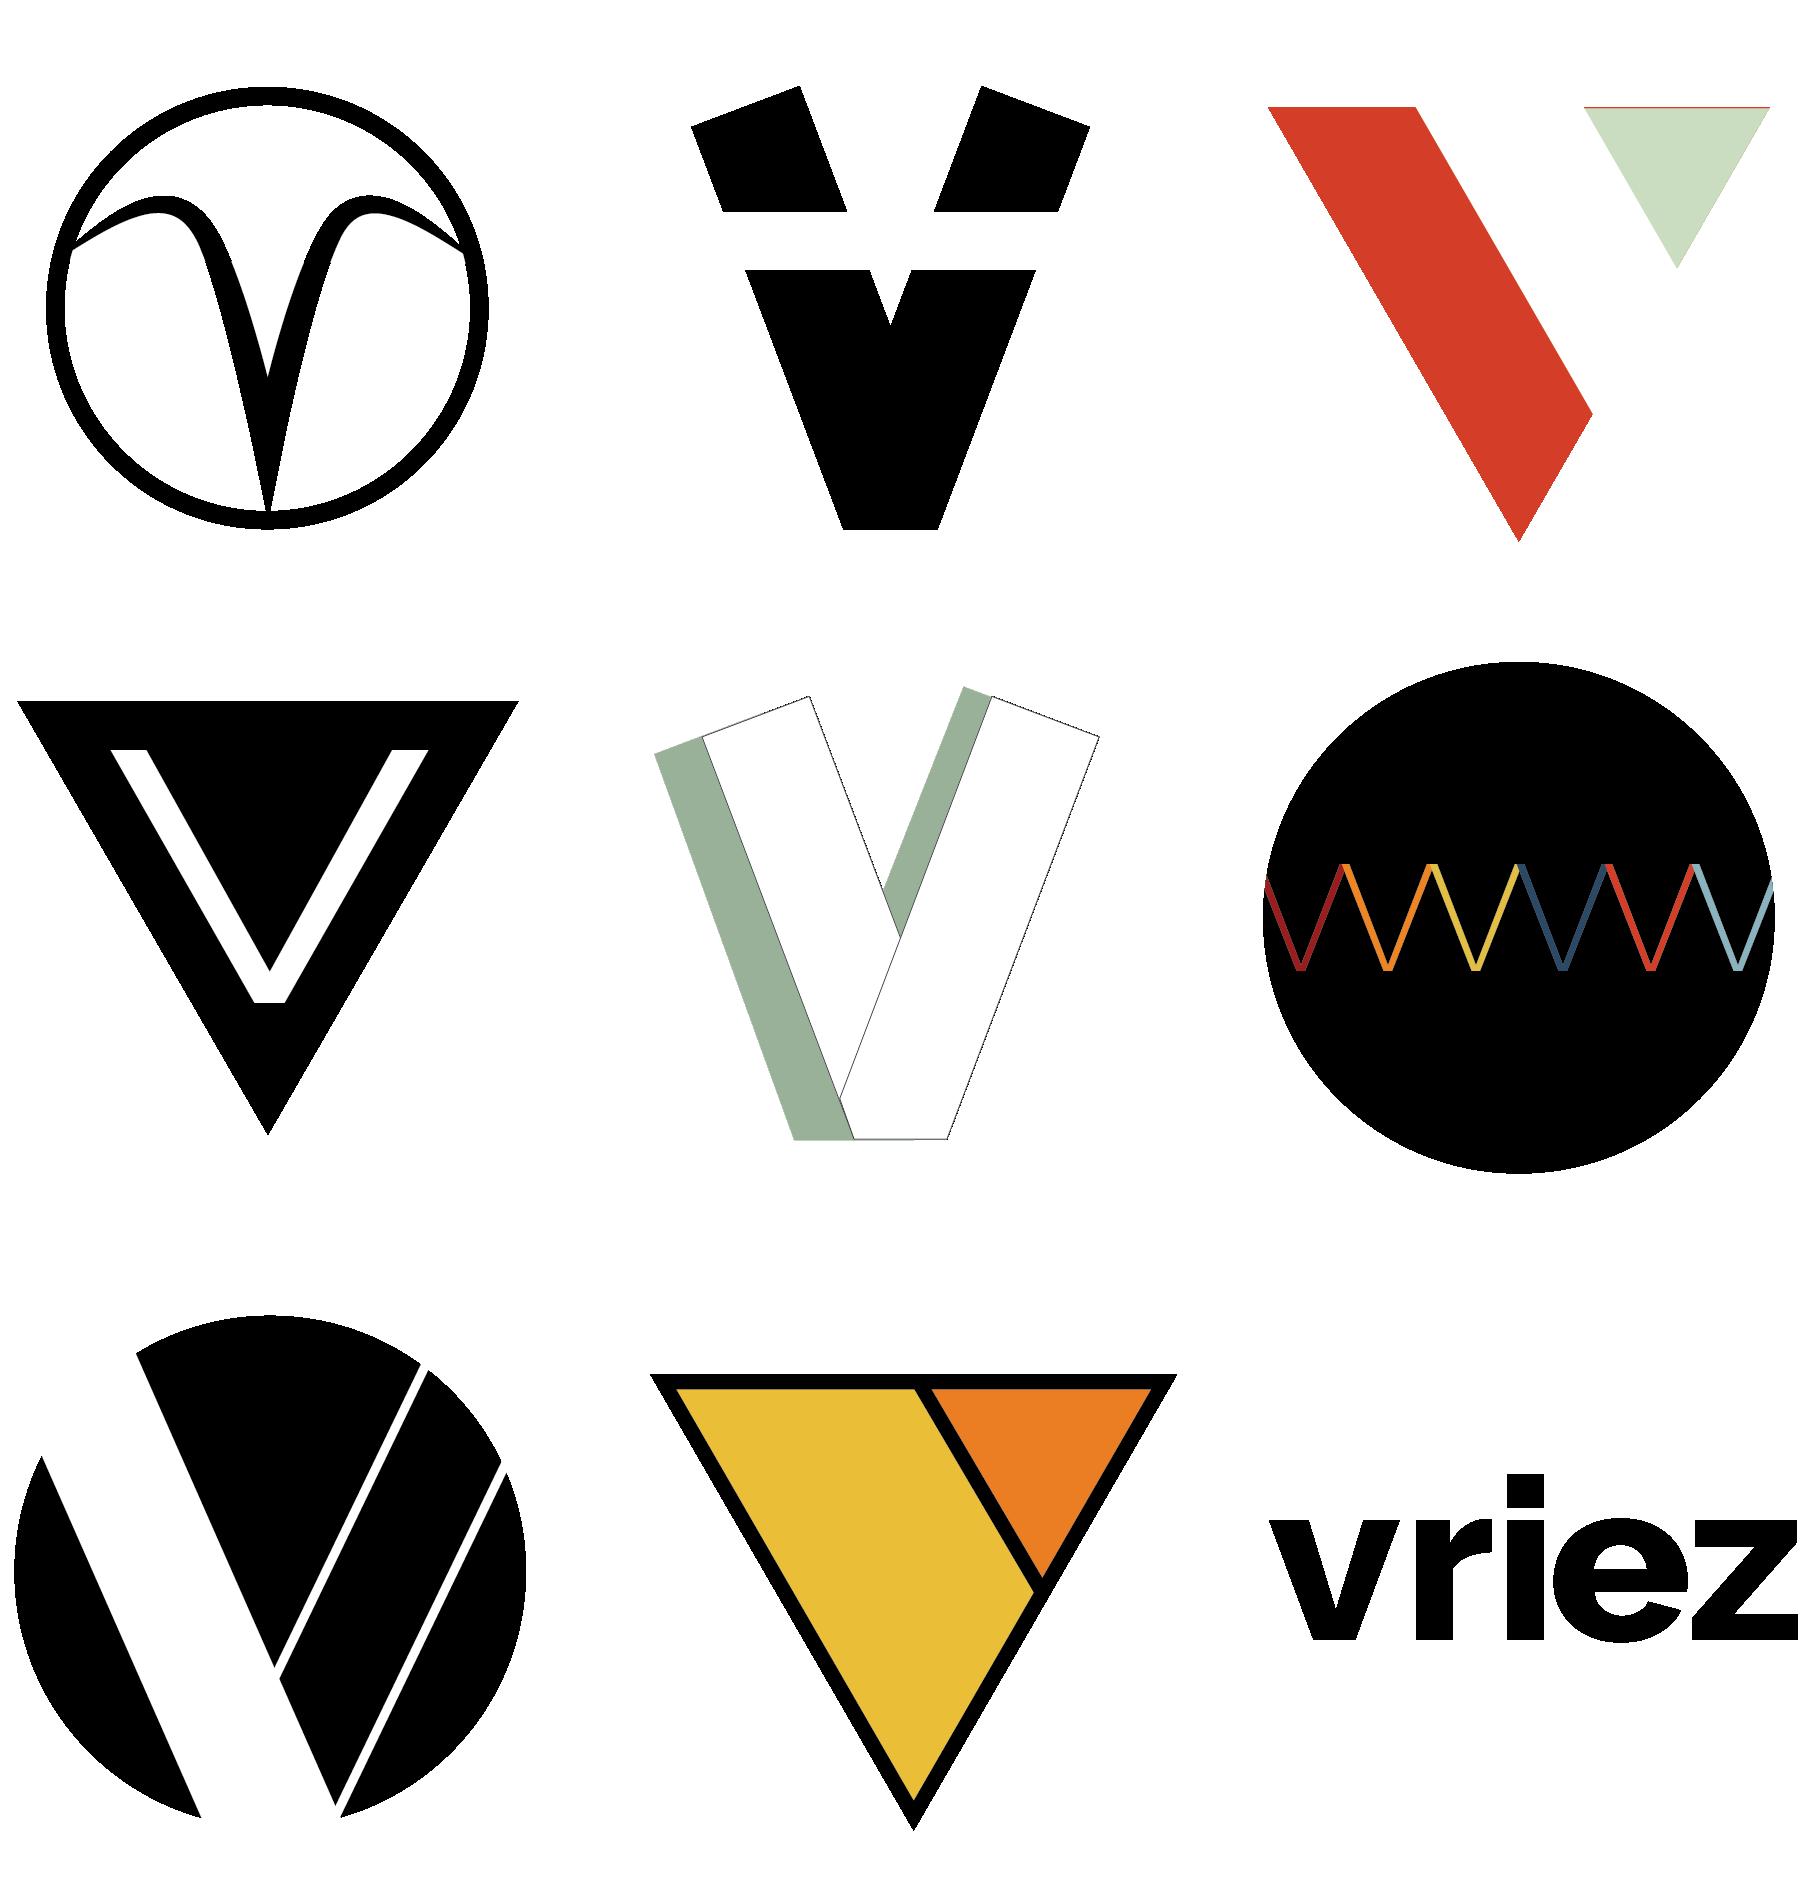 vriez_concepts.png